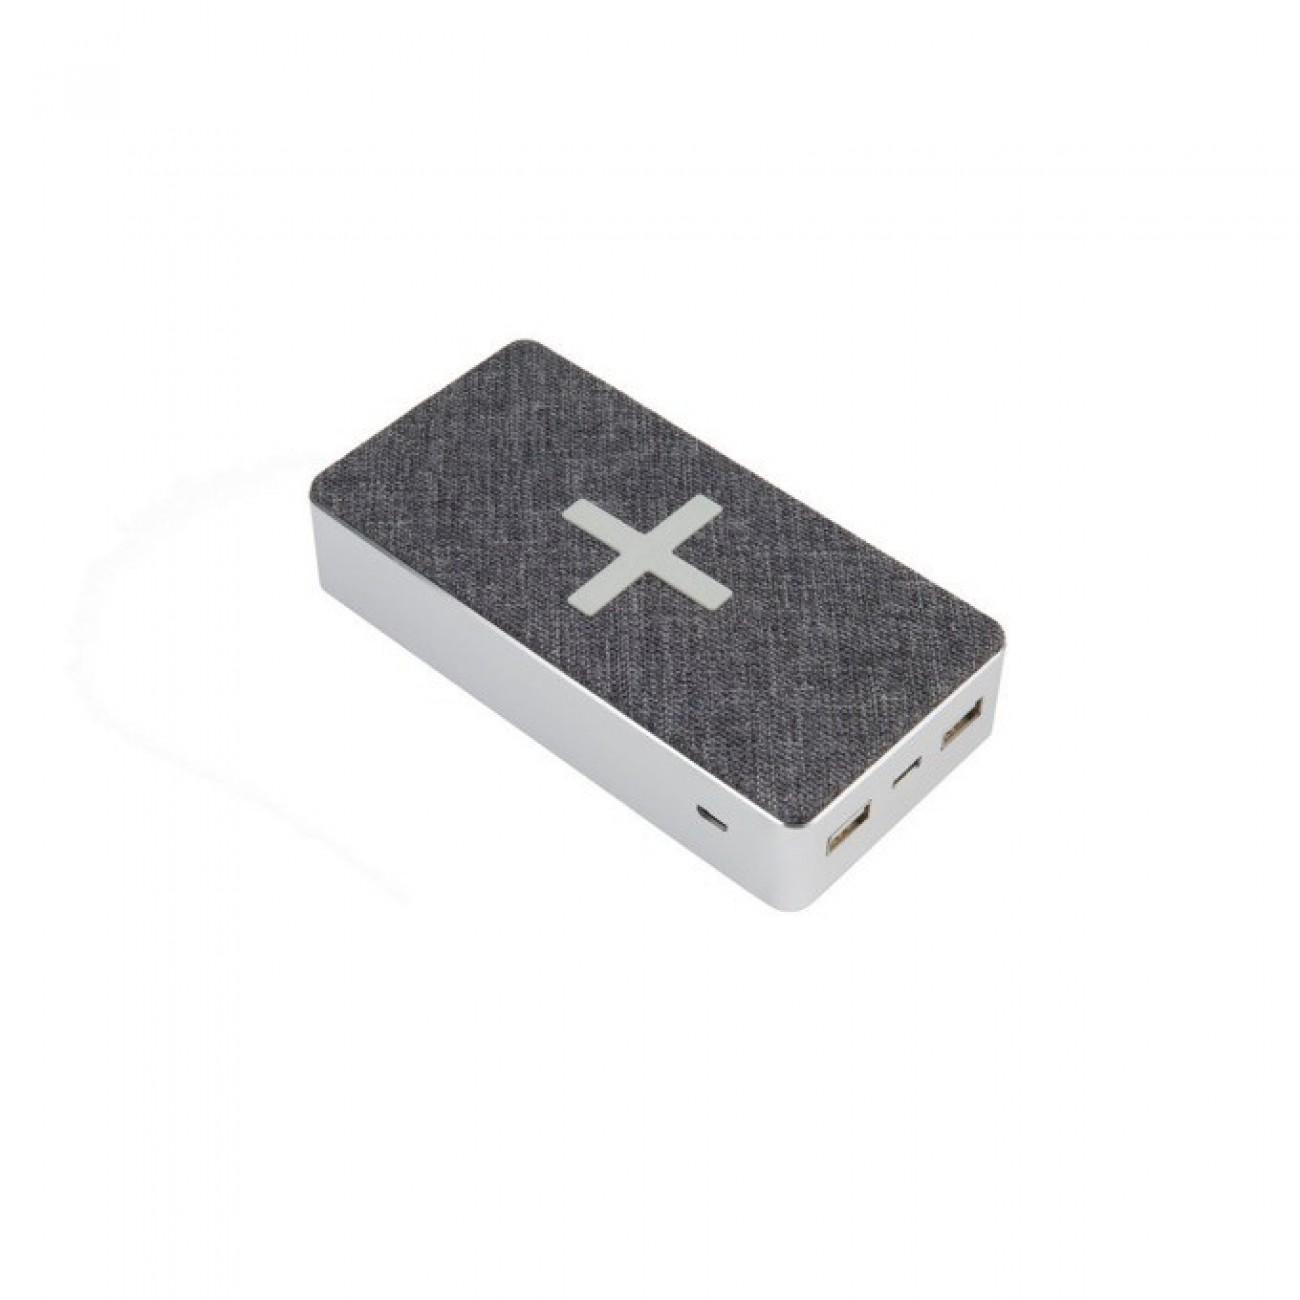 Външна батерия /power bank/ A-Solar Xtorm XW301 Qi Pad Motion, 16.000mAh, от USB-C 5V/2A, Micro USB 5V/2A към Qi Wireless 5W, 7.5W, 10W / 2x USB 5V/2A / 1x USB-C 5V/2A, сивo, безжично зареждане в Външни батерии - A-Solar | Alleop